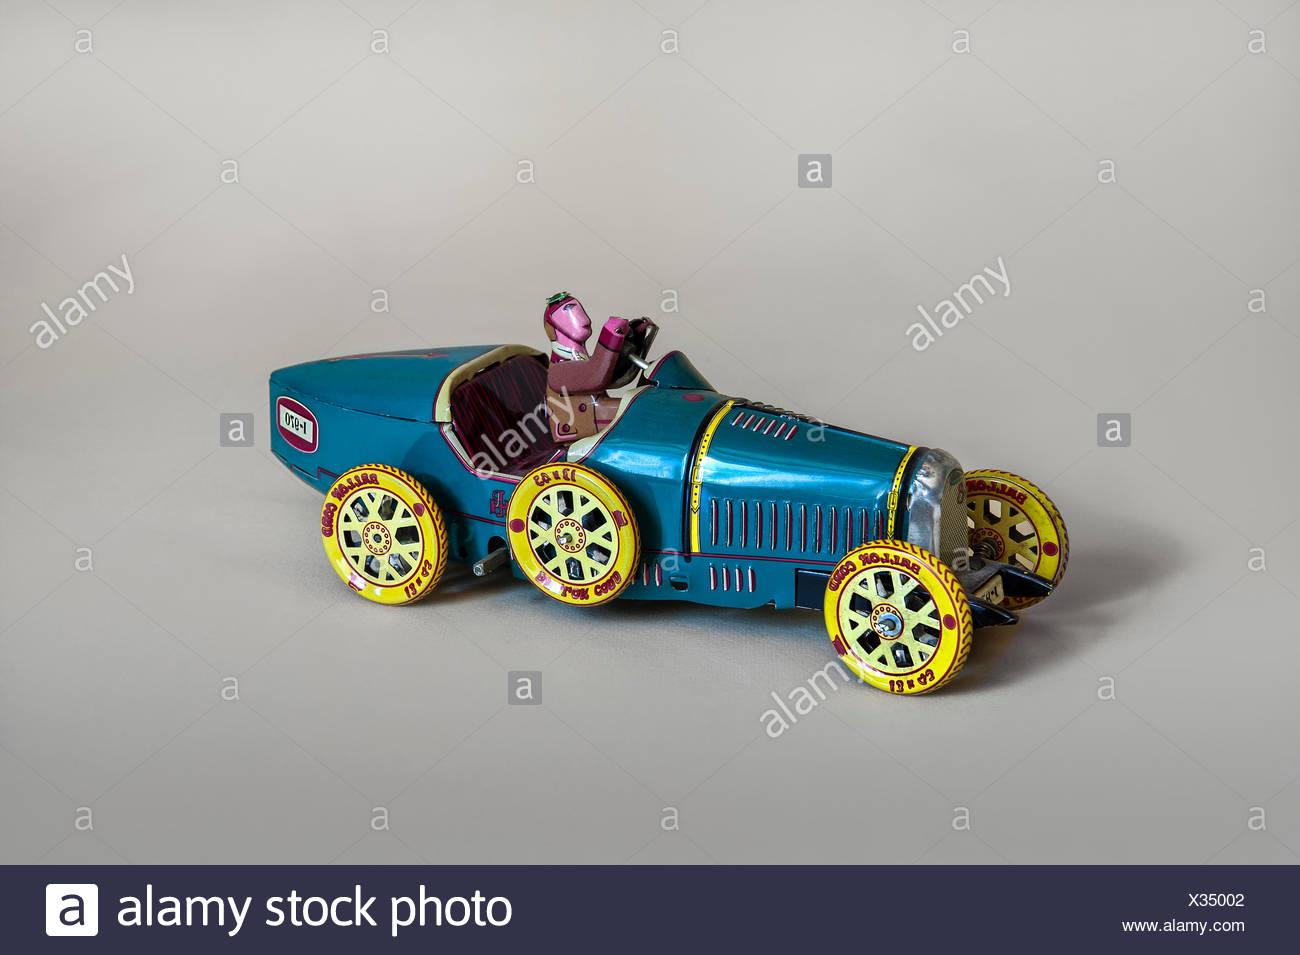 Blechspielzeug Rennwagen mit Fahrer Blechspielzeug